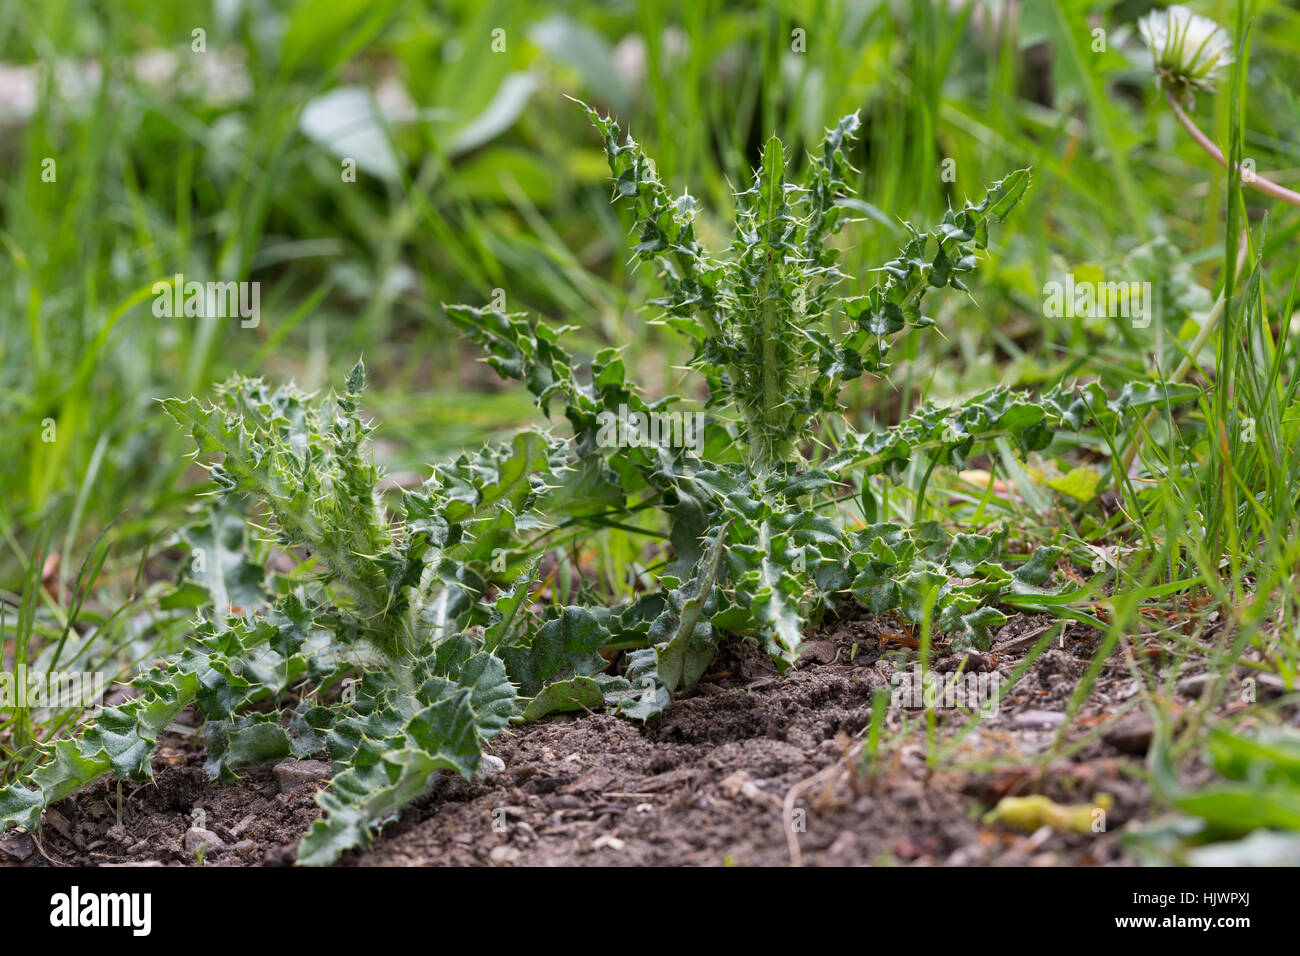 Acker-Kratzdistel, Blatt, Blätter, Ackerkratzdistel, Kratzdistel, Distel, Cirsium arvense, Creeping thistle, - Stock Image